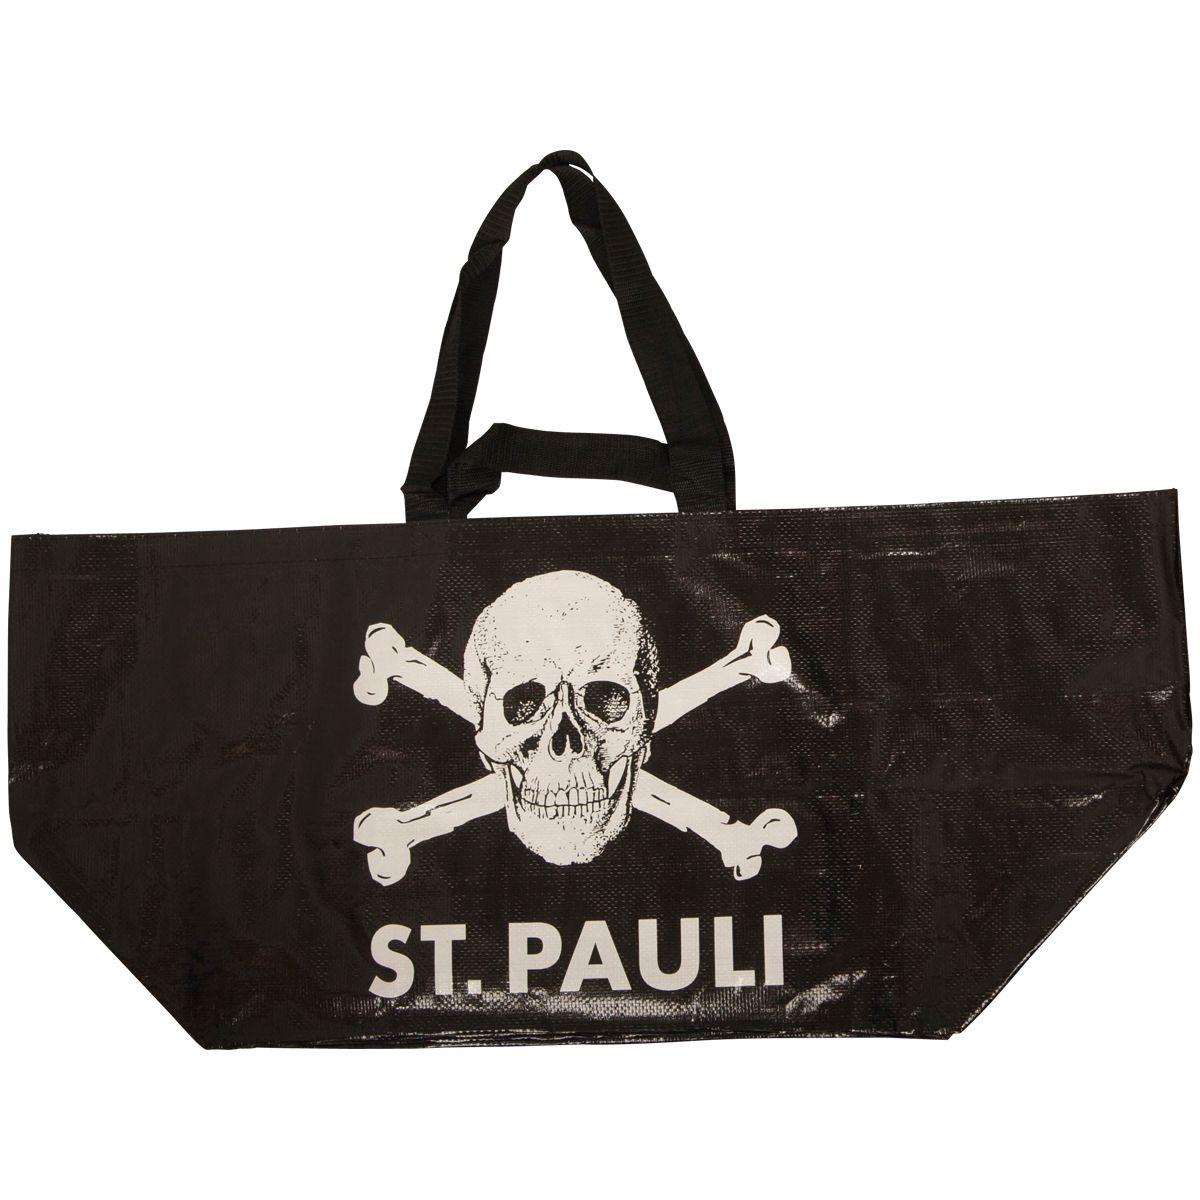 FC St. Pauli - Big Black Shopping Bag Skull  c020c5249604